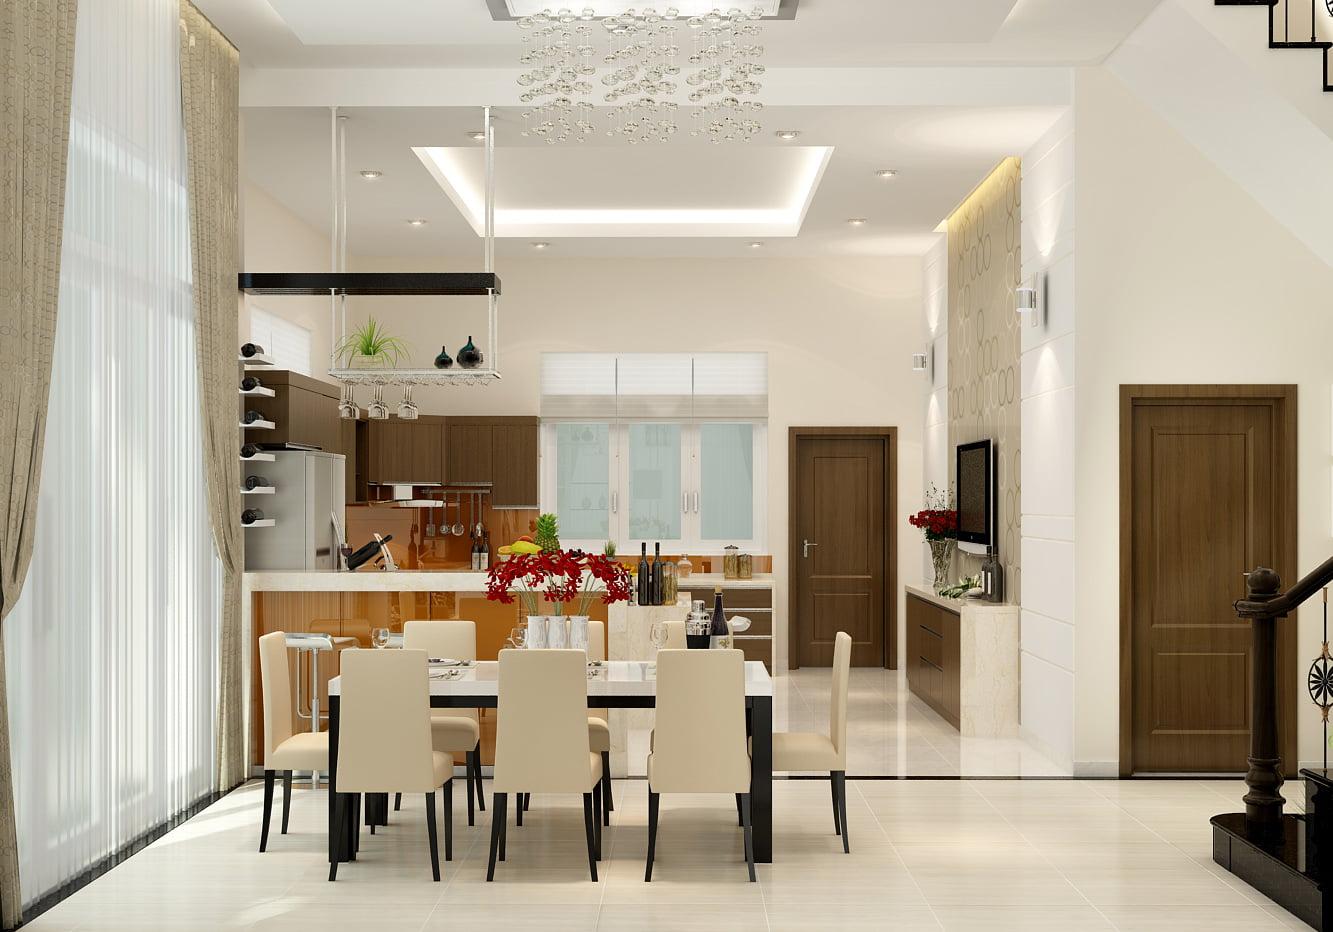 bếp và phòng ăn mẫu nhà ống 3 tầng